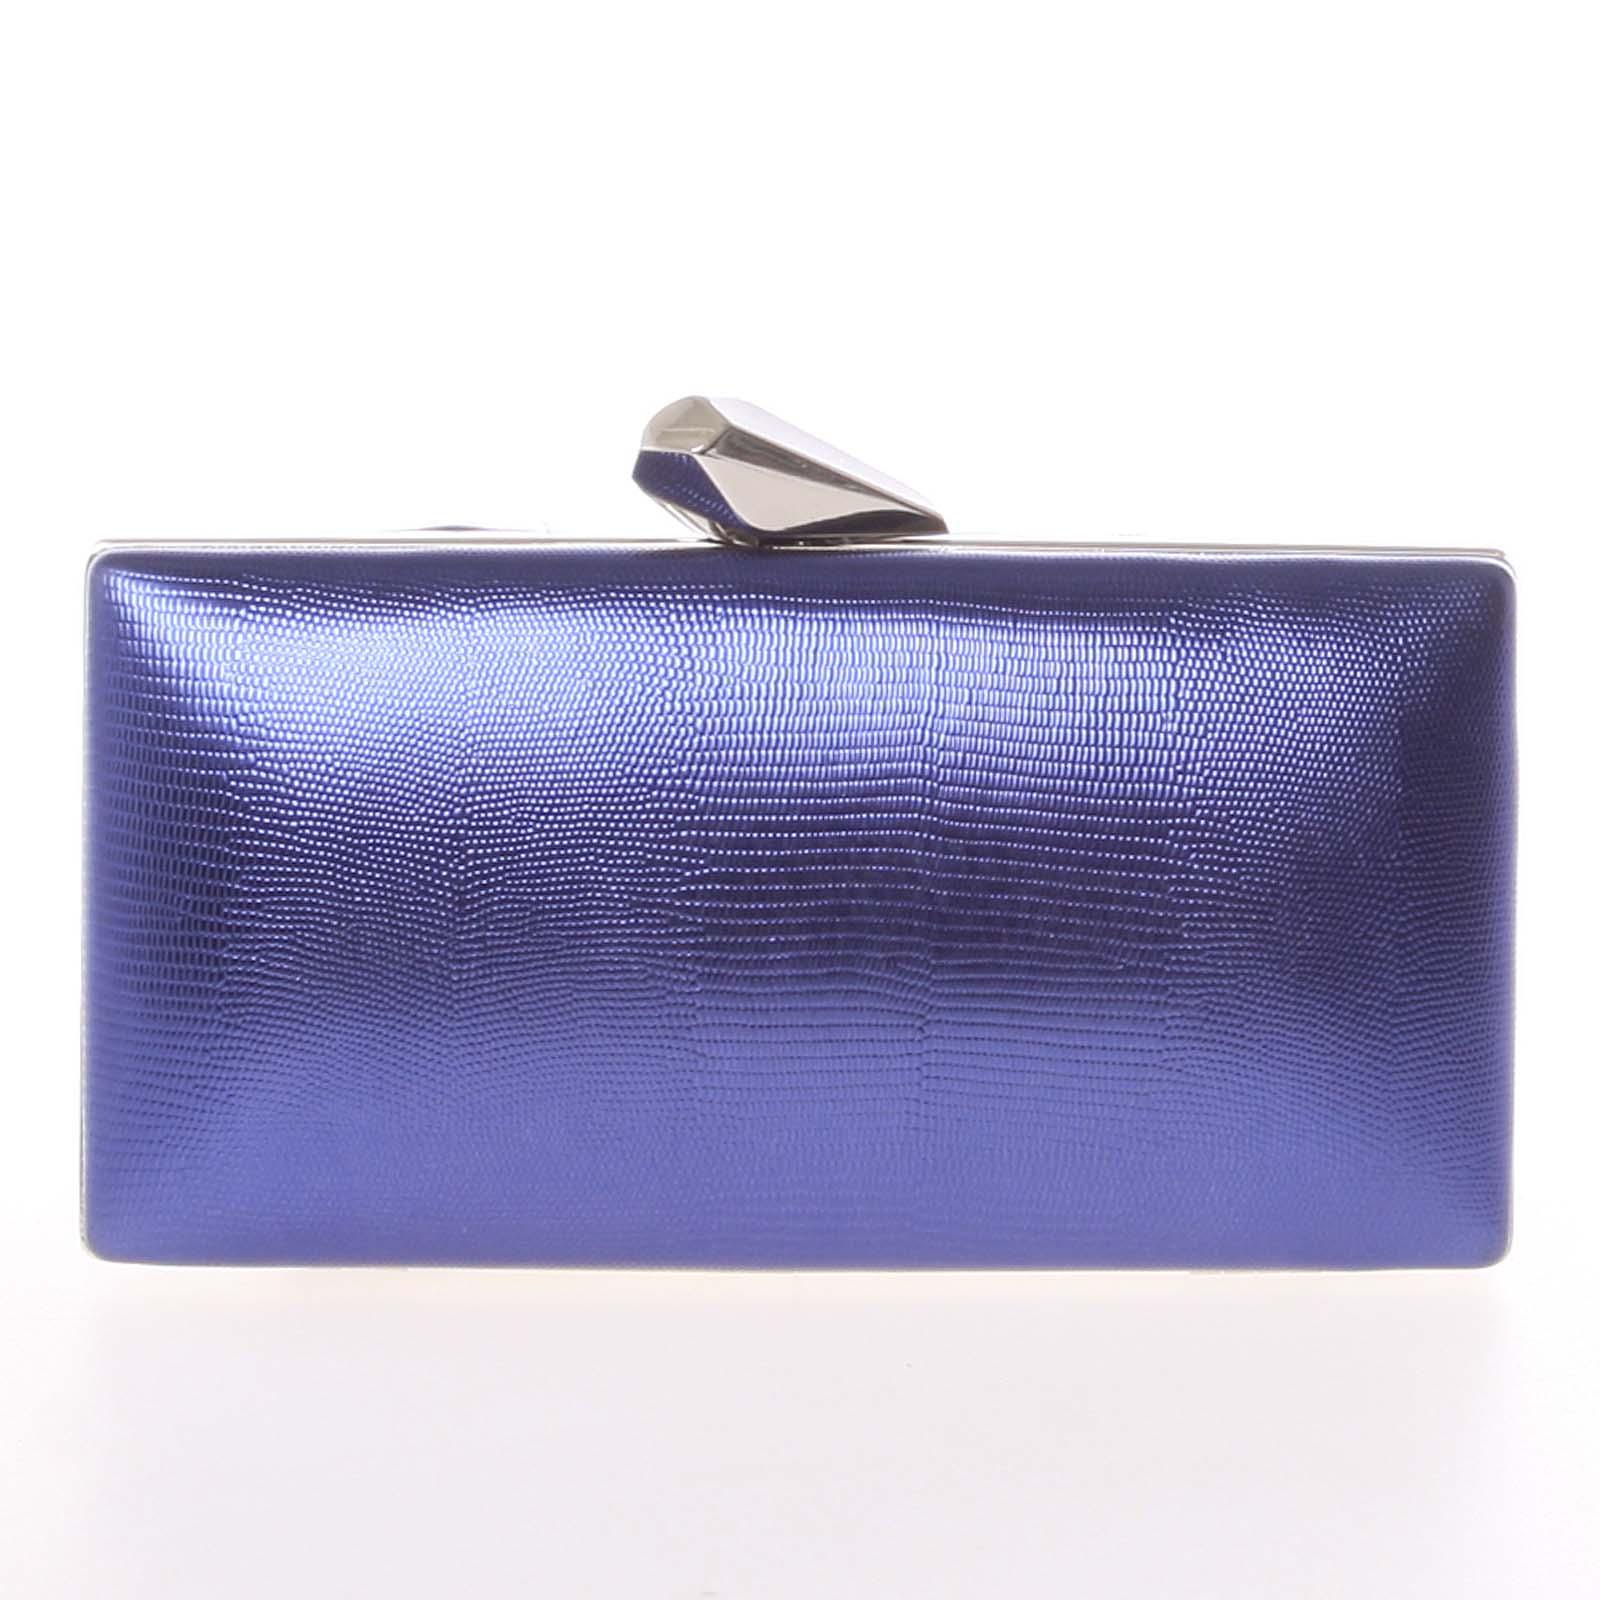 Exkluzívna dámska vzorovaná listová kabelka tmavomodrá - Delami L055 modrá